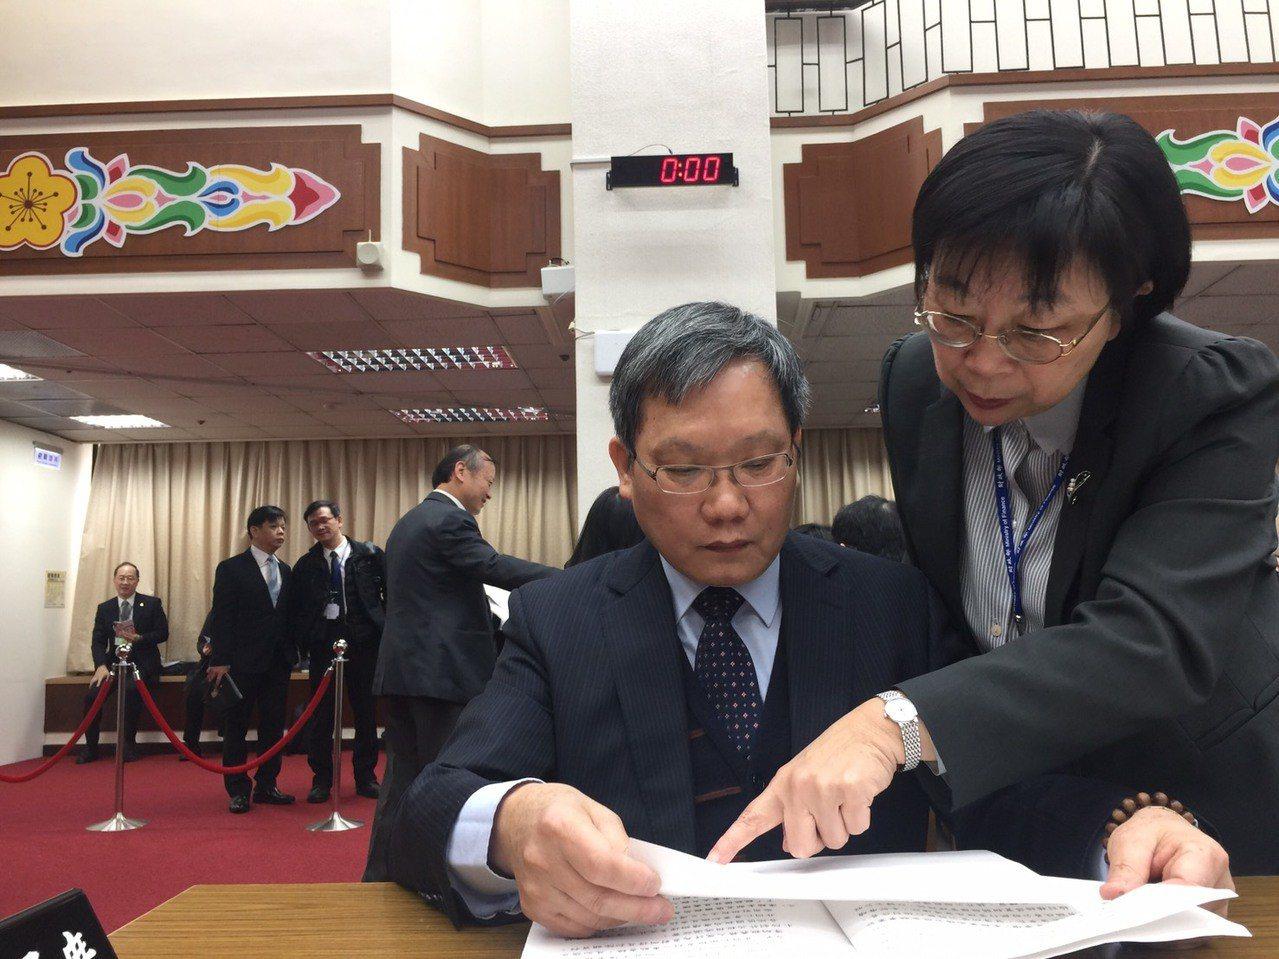 所得稅優化方案上路,財政部長蘇建榮表示,今年報稅中低所得和薪資所得者會非常有感。...